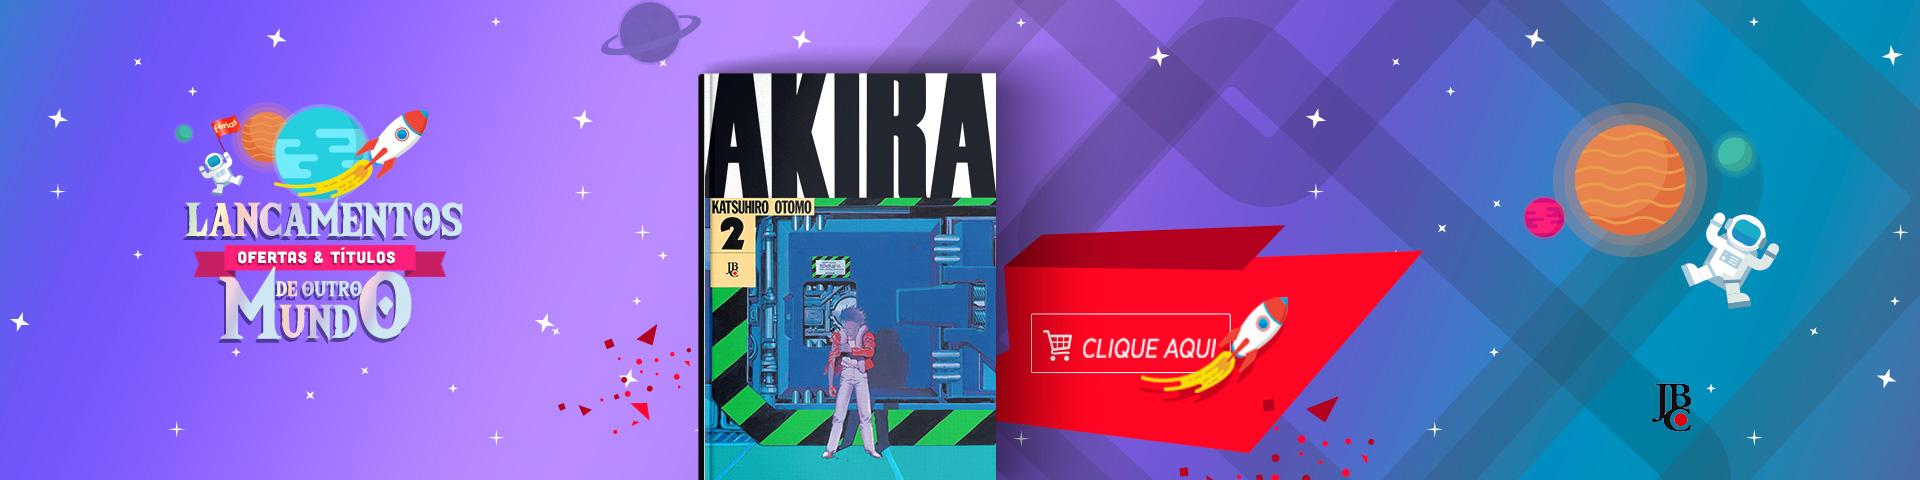 De outro mundo Akira 2